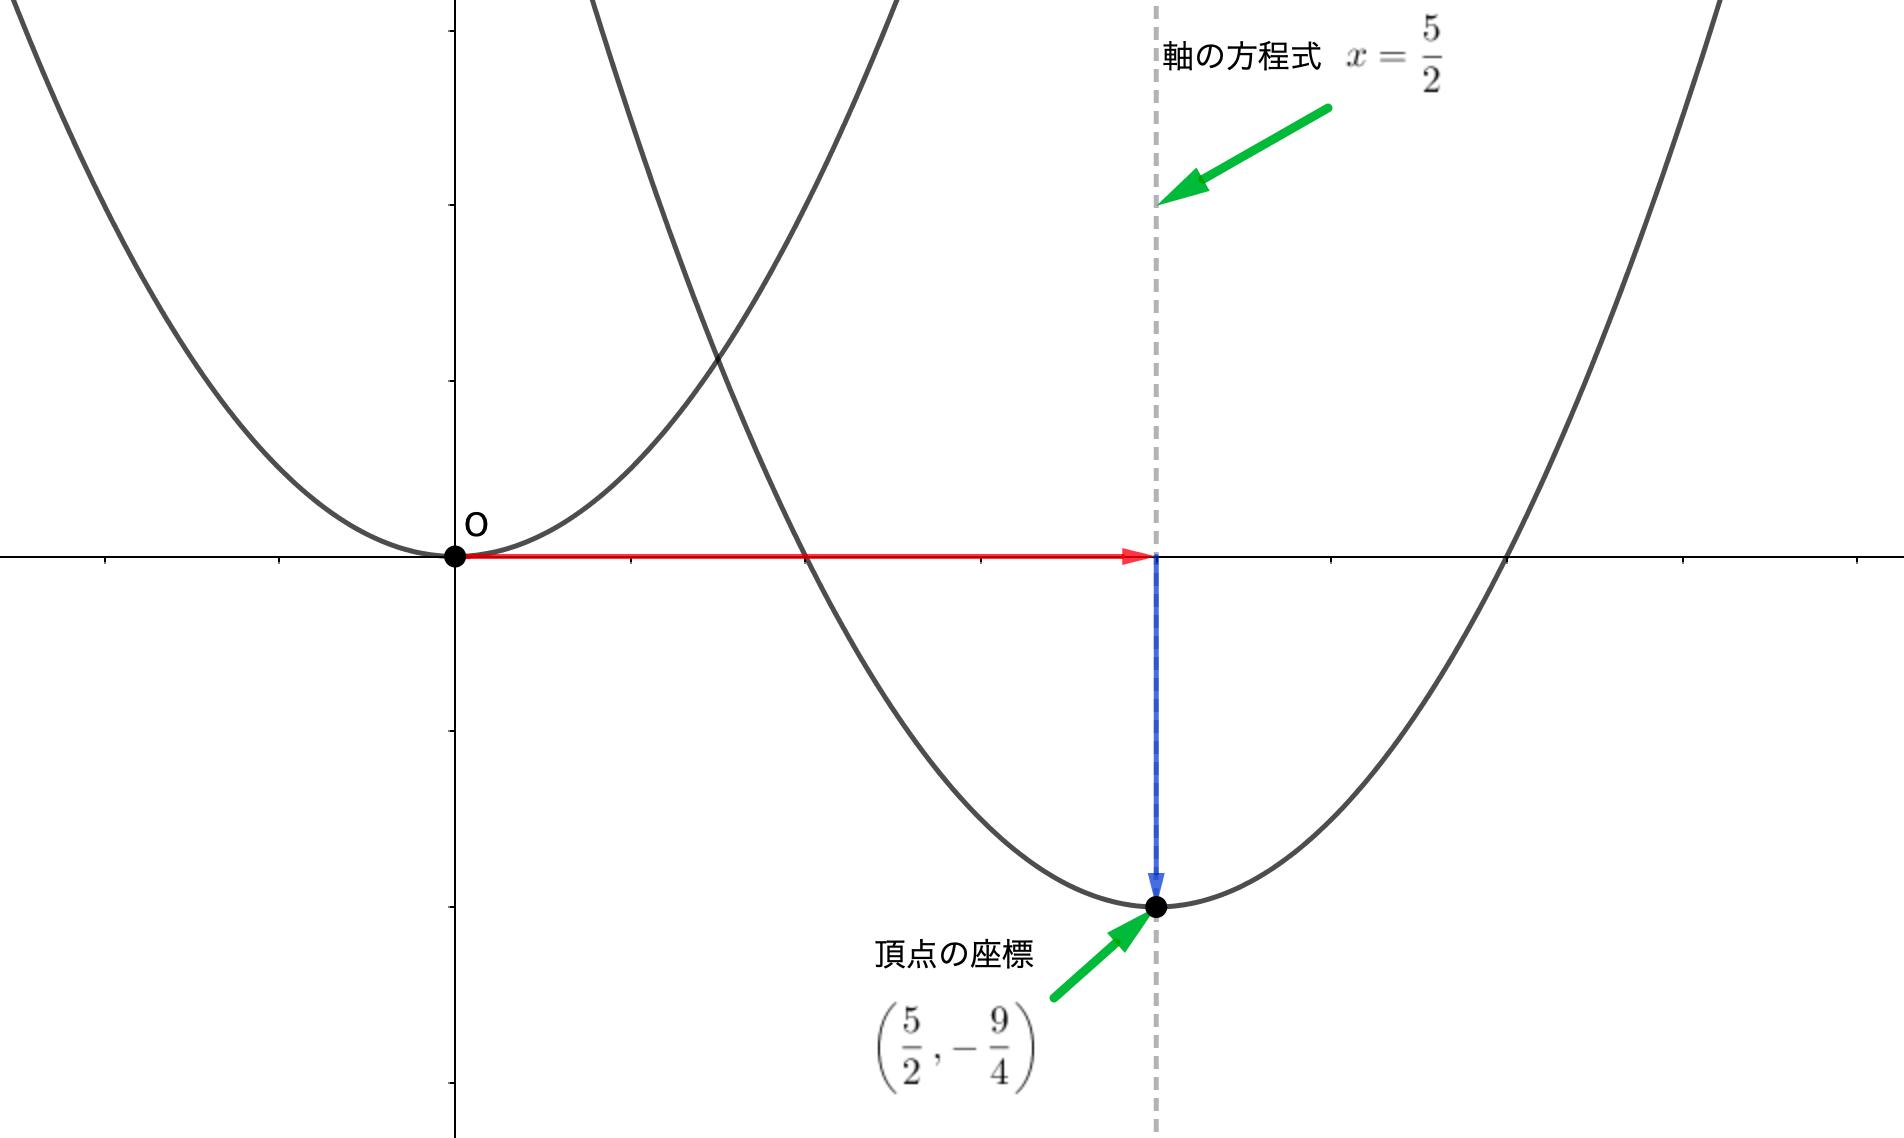 平方完成形から頂点の座標や、軸の方程式がわかる